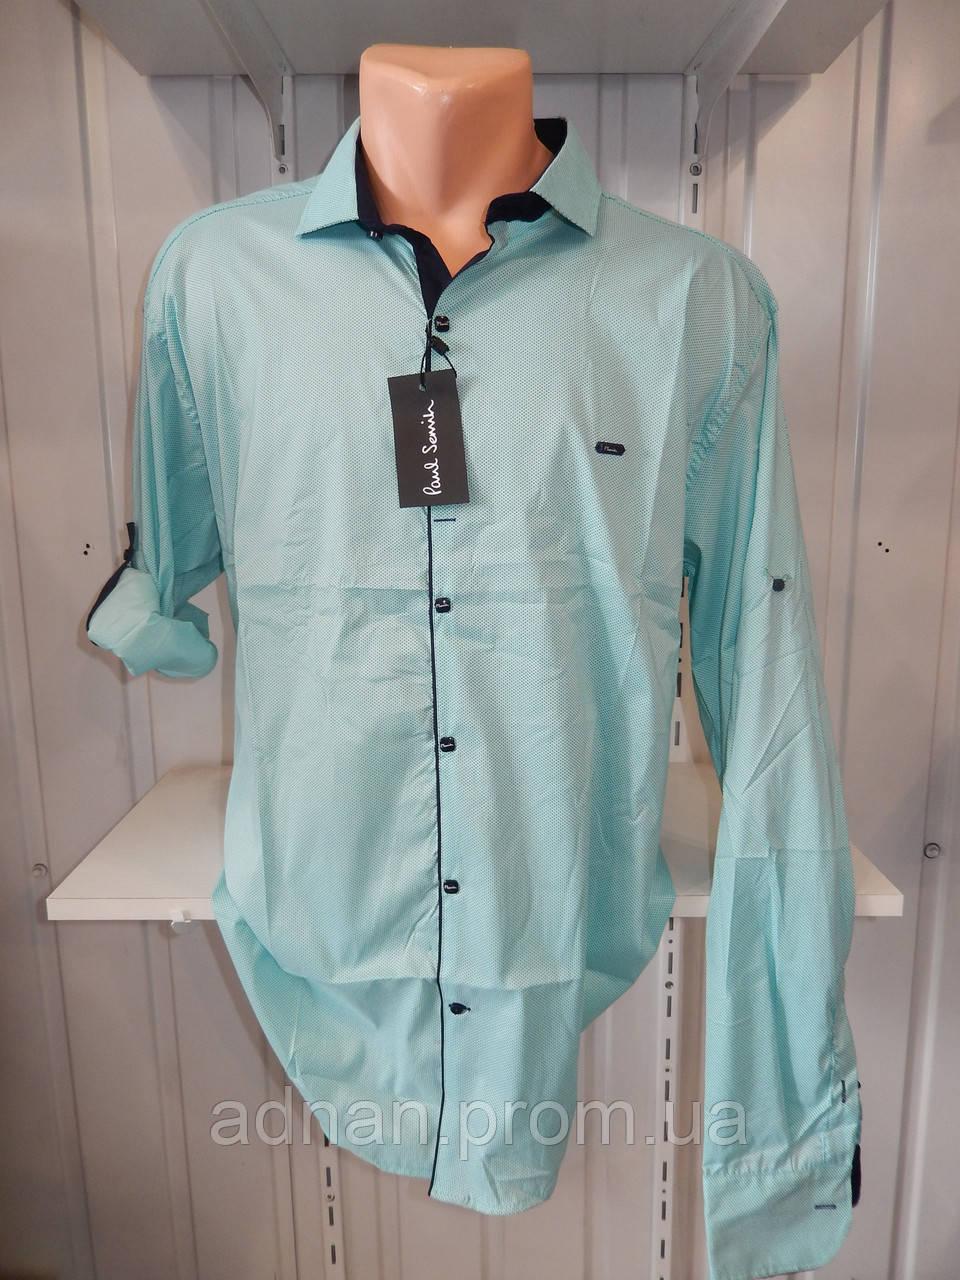 Рубашка мужская Paul Smith длинный рукав, батал, стрейч, мелкий узор №5 004 \ купить рубашку